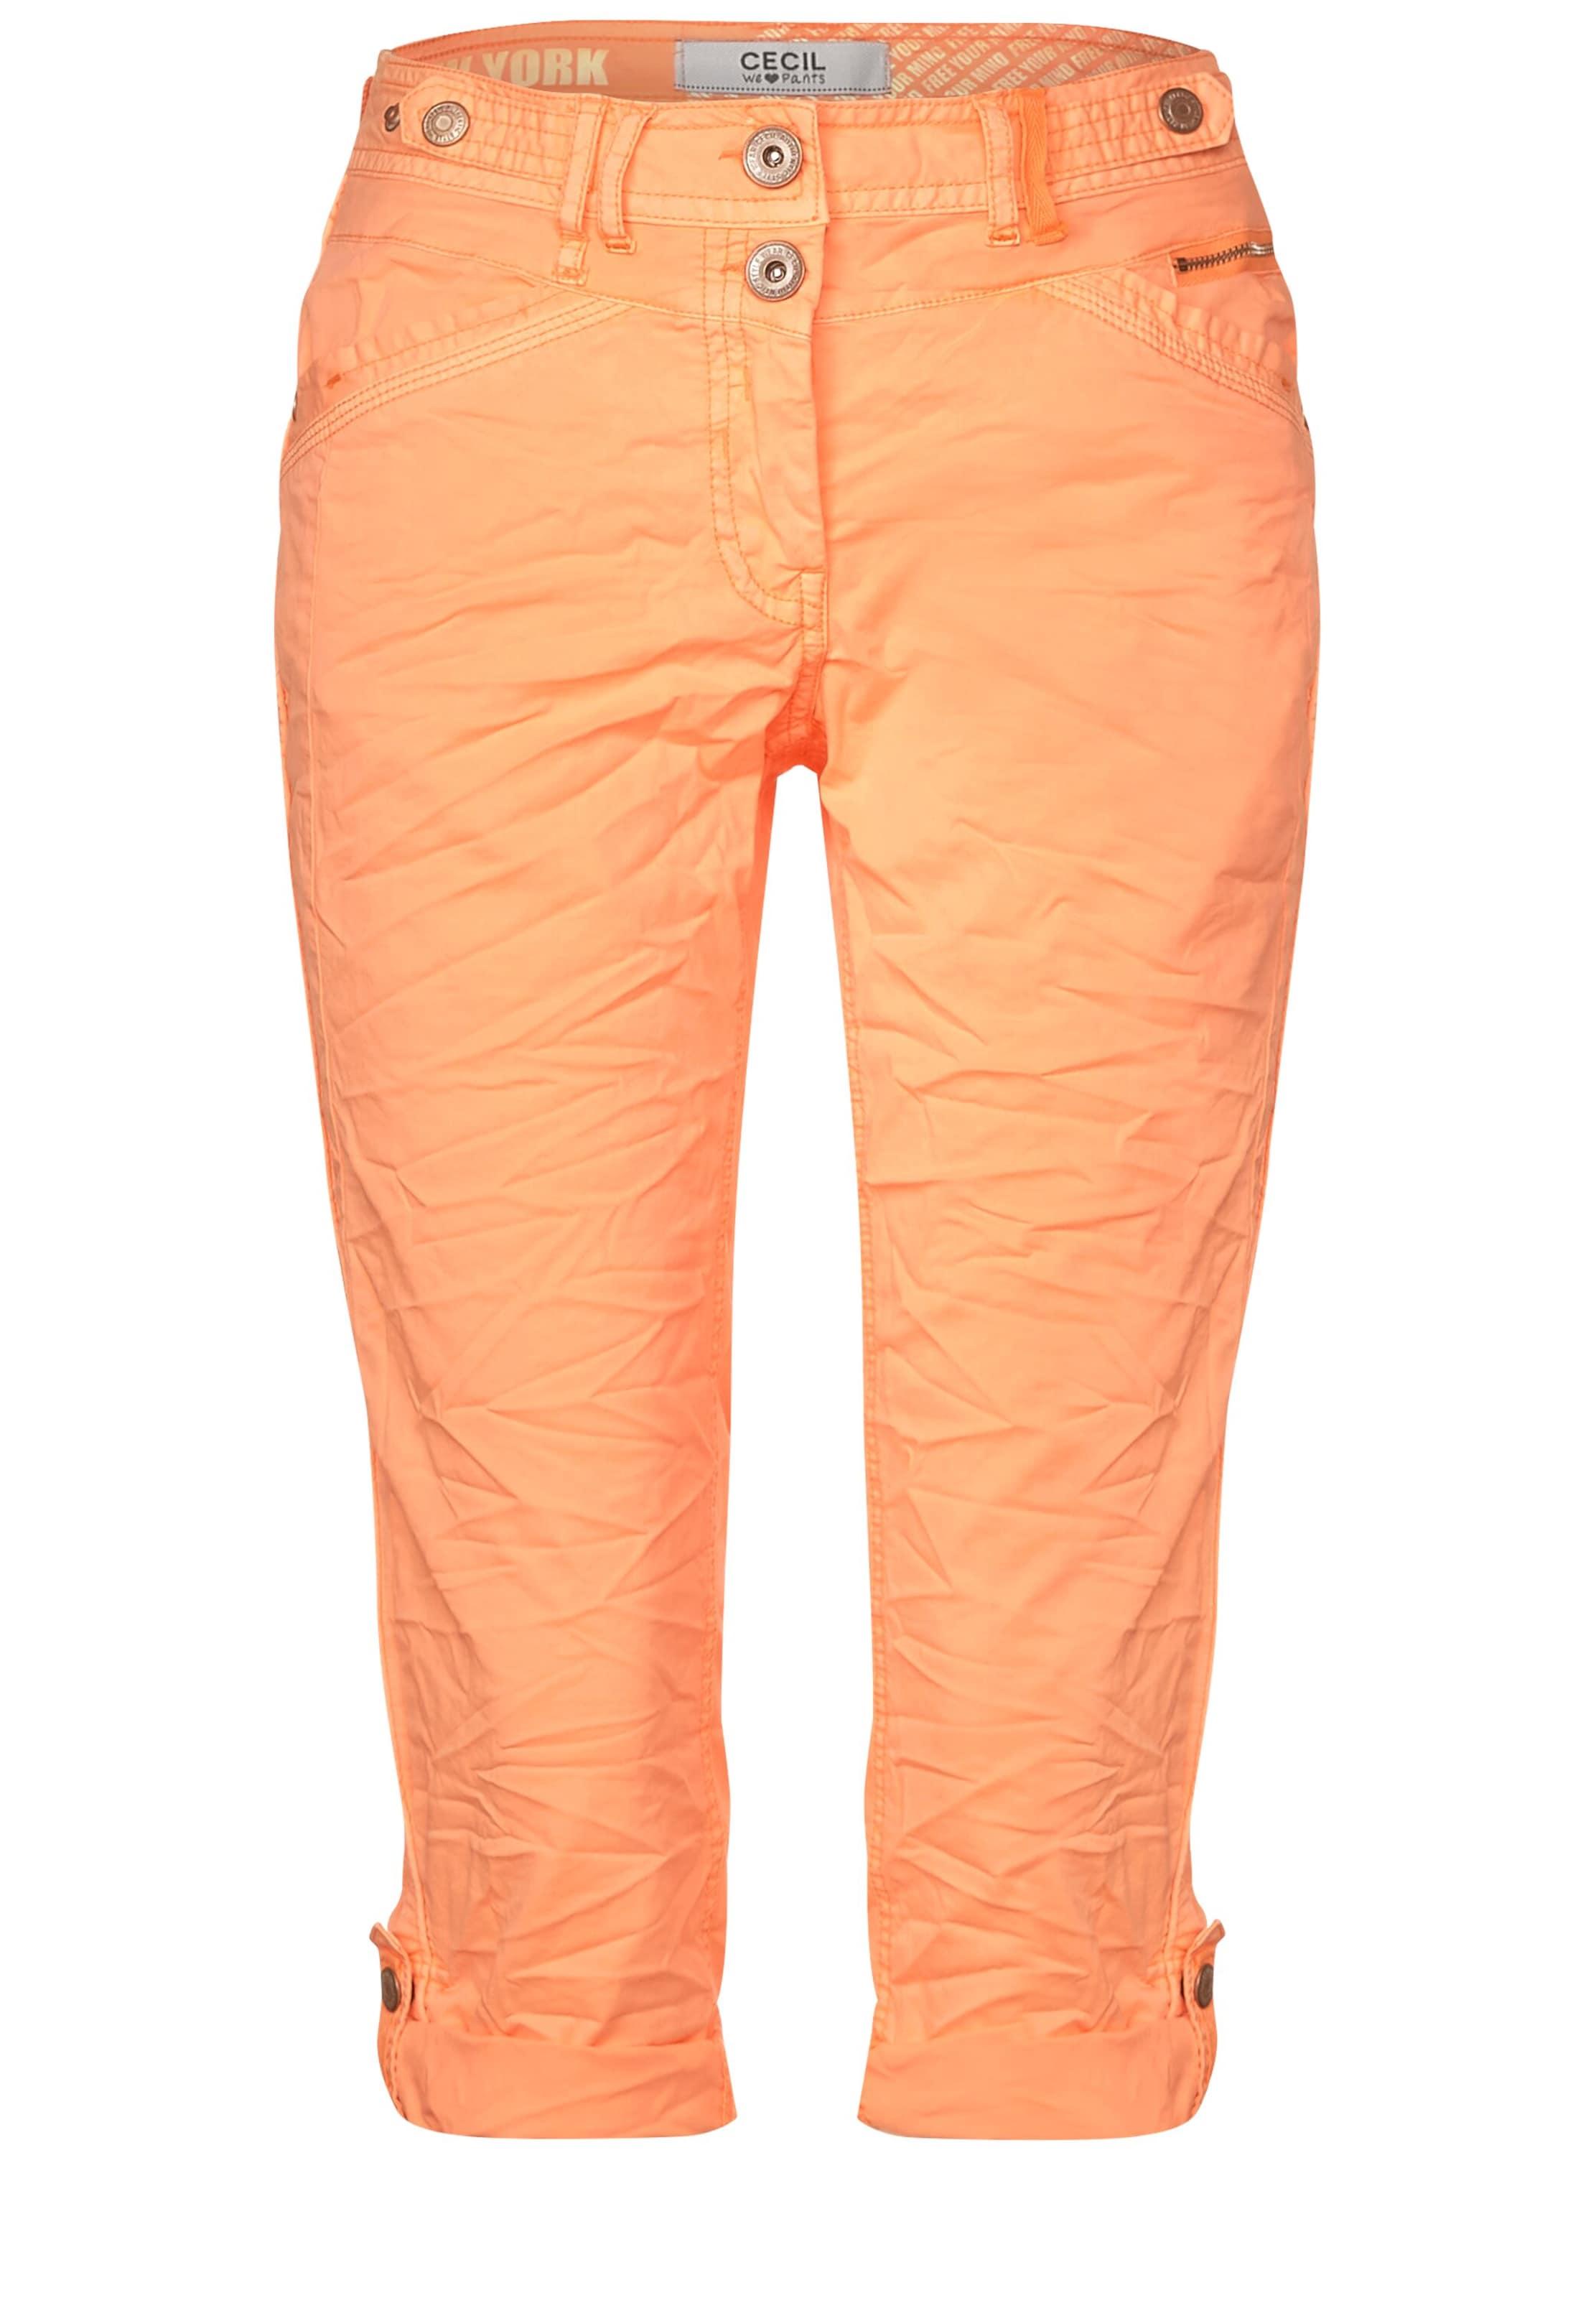 CECIL 3/4 Hose im Colour-Style in orange